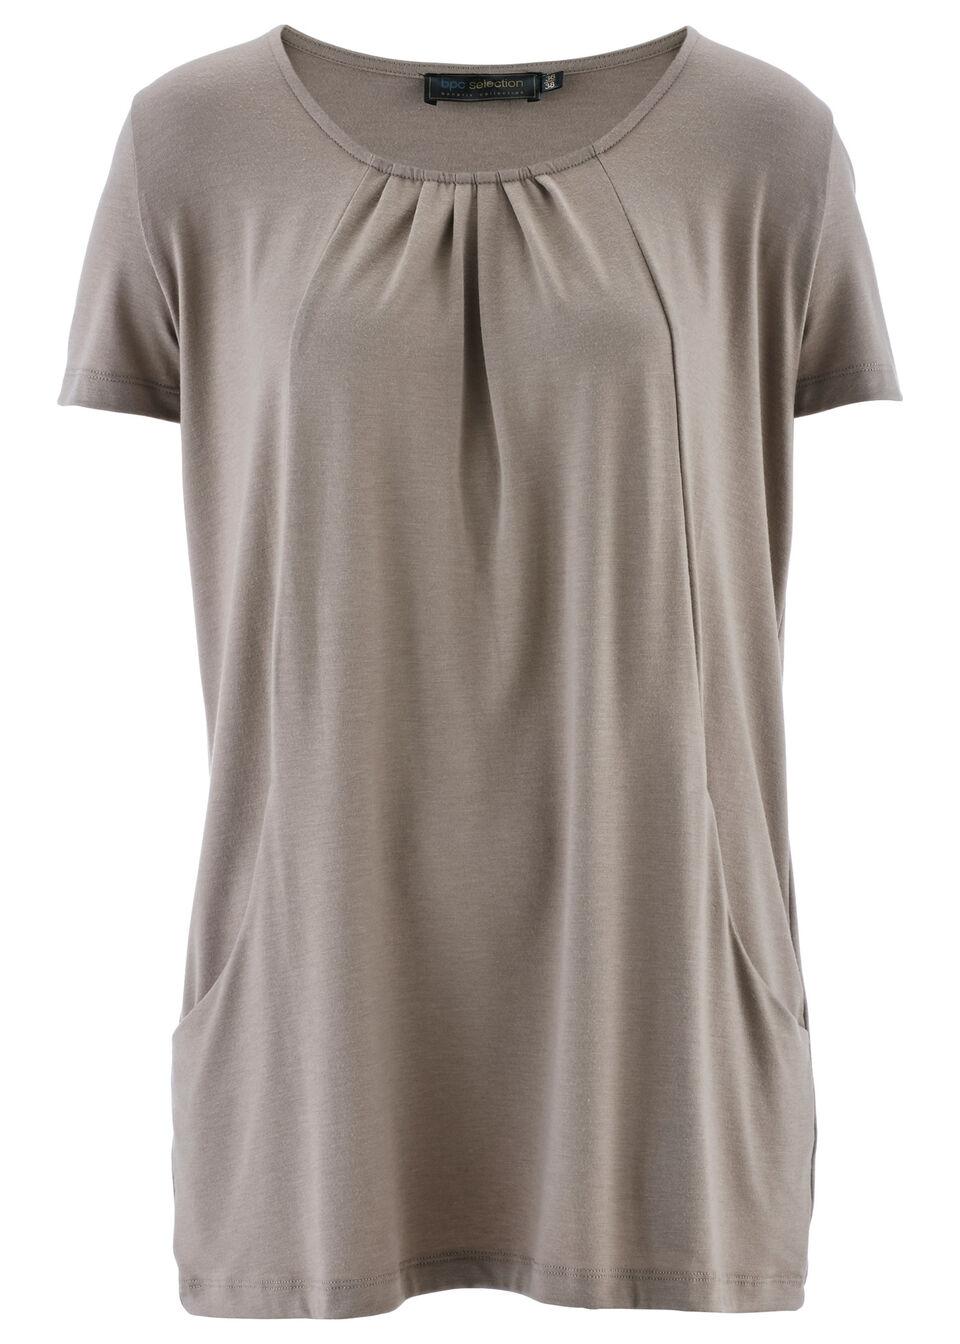 Купить Блузки, Удлиненная футболка, bonprix, серо-коричневый